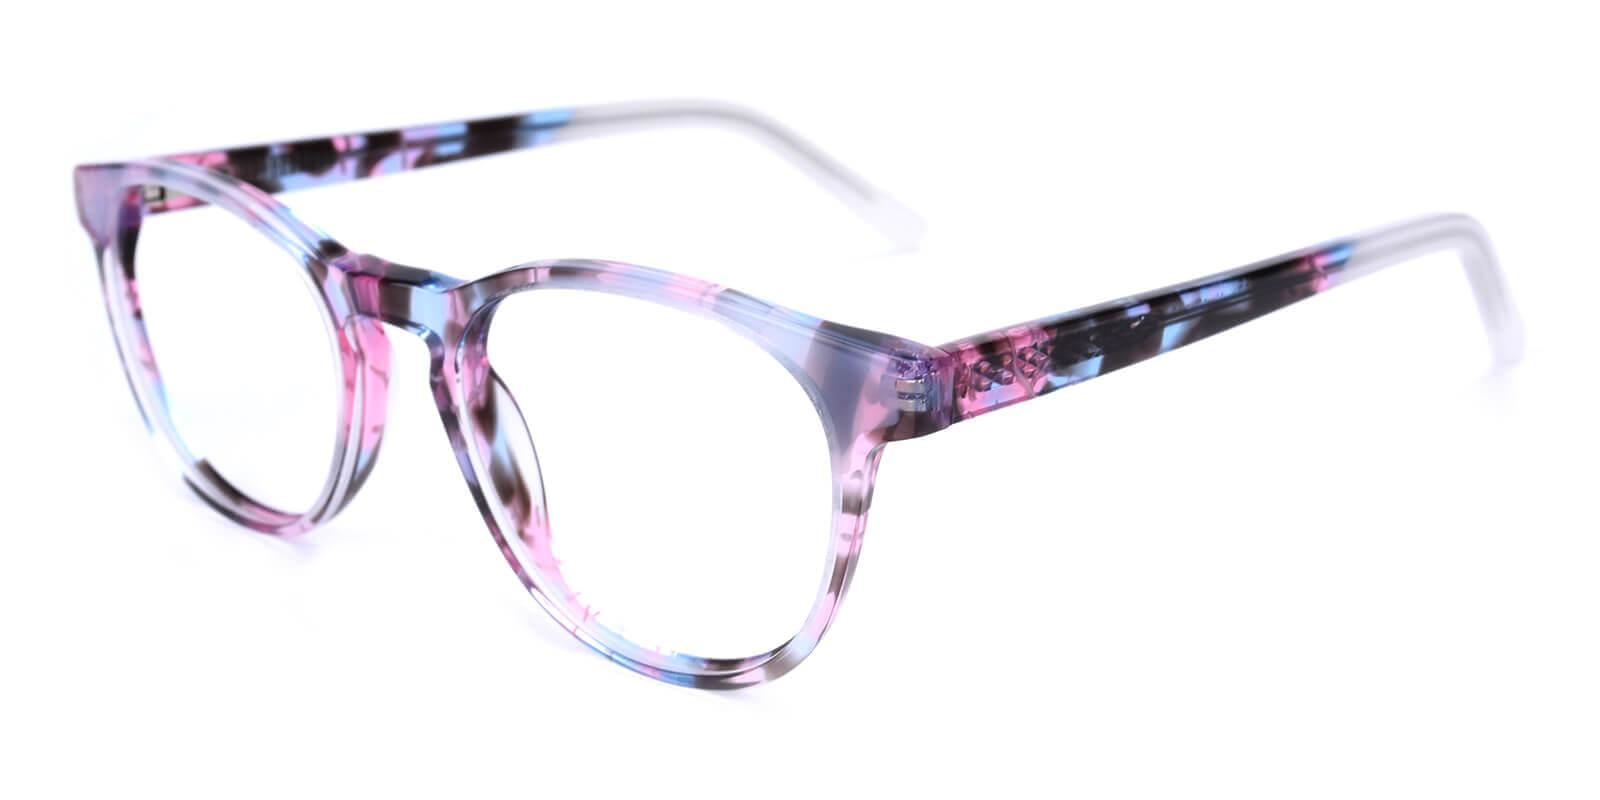 Debbine-Pink-Oval-Acetate-Eyeglasses-additional1